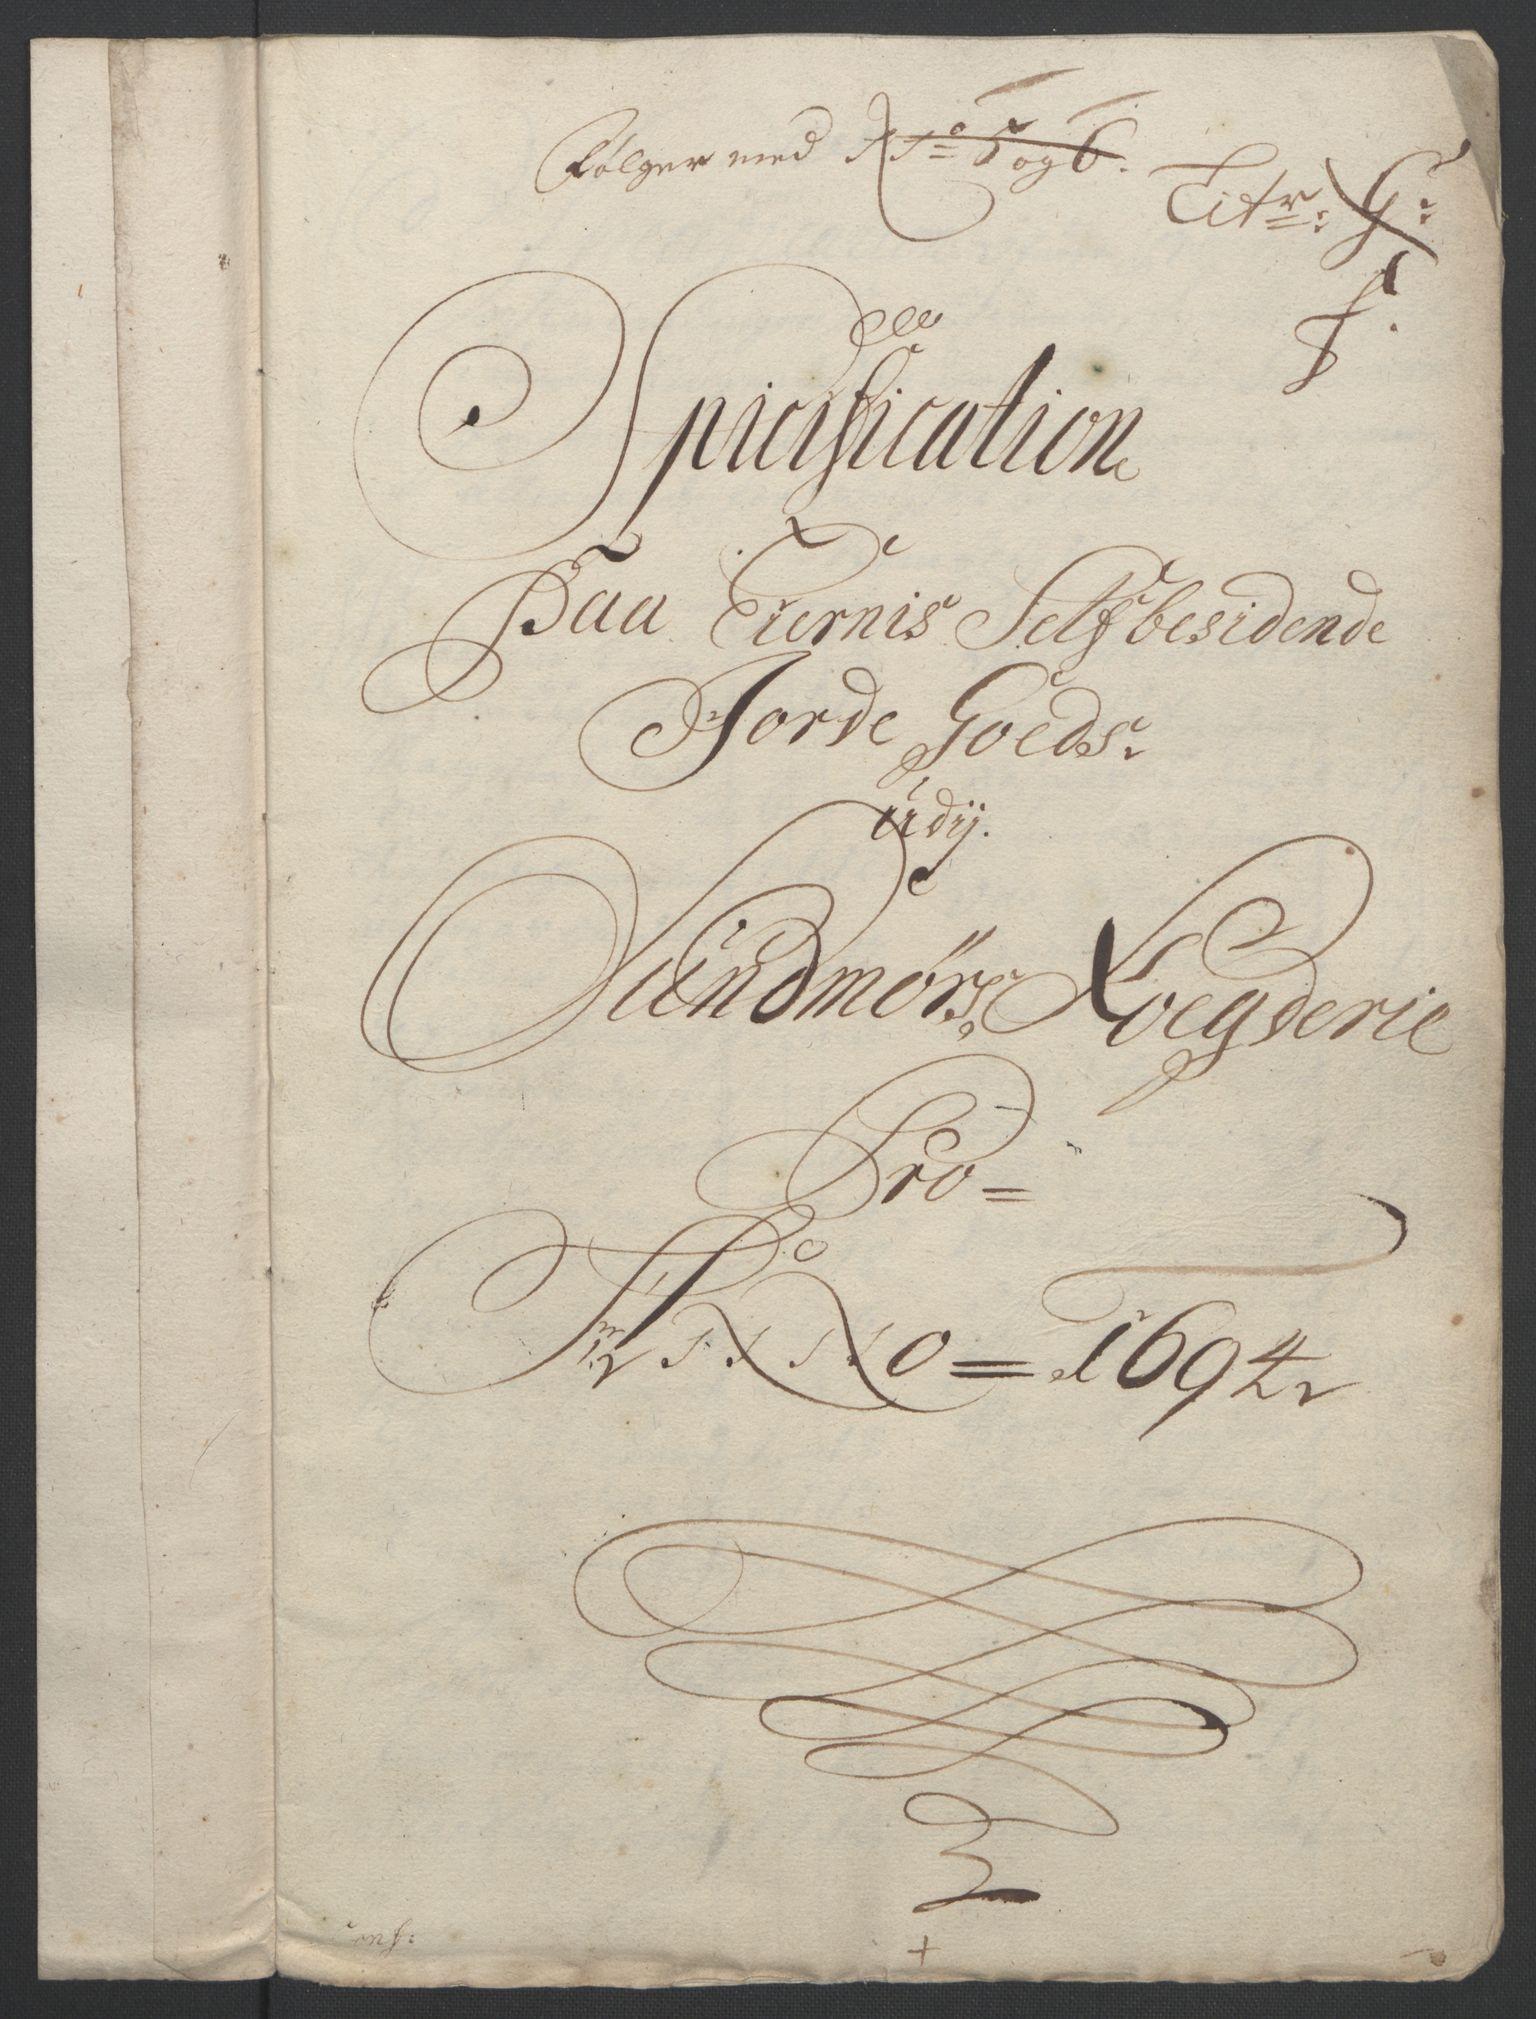 RA, Rentekammeret inntil 1814, Reviderte regnskaper, Fogderegnskap, R54/L3555: Fogderegnskap Sunnmøre, 1694-1695, s. 147